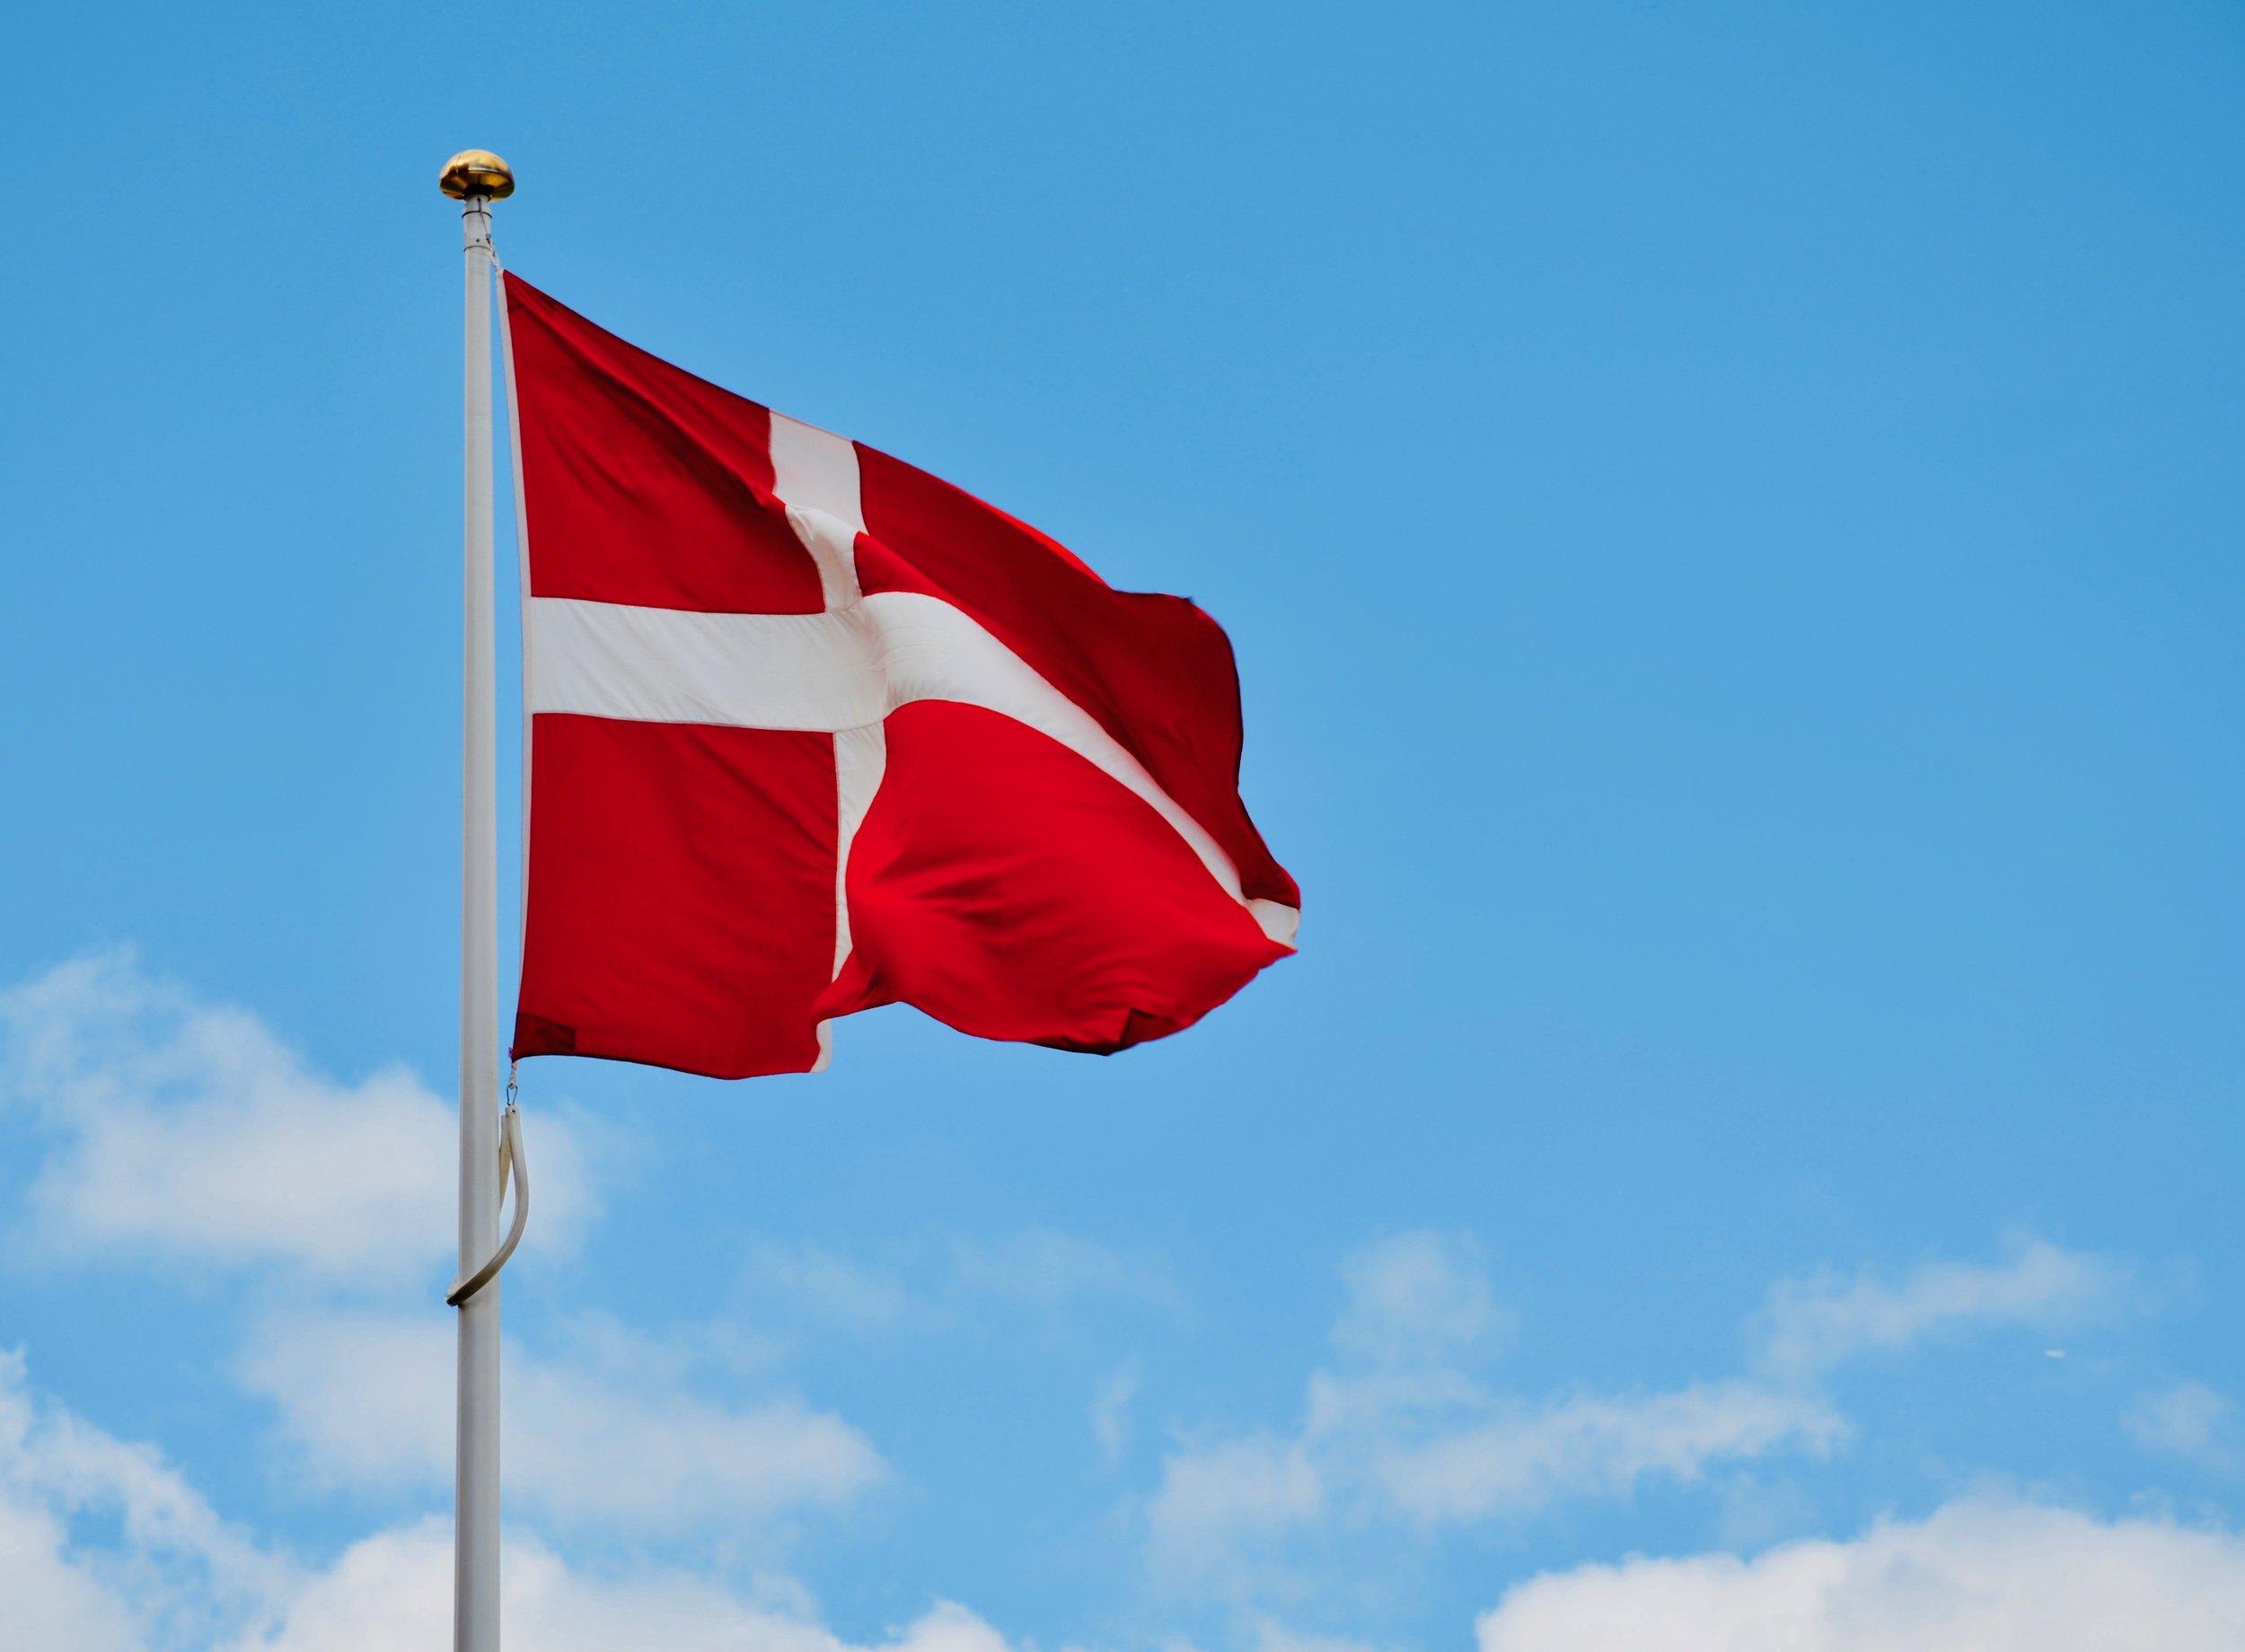 A Danish flag flies proudly in Copenhagen.